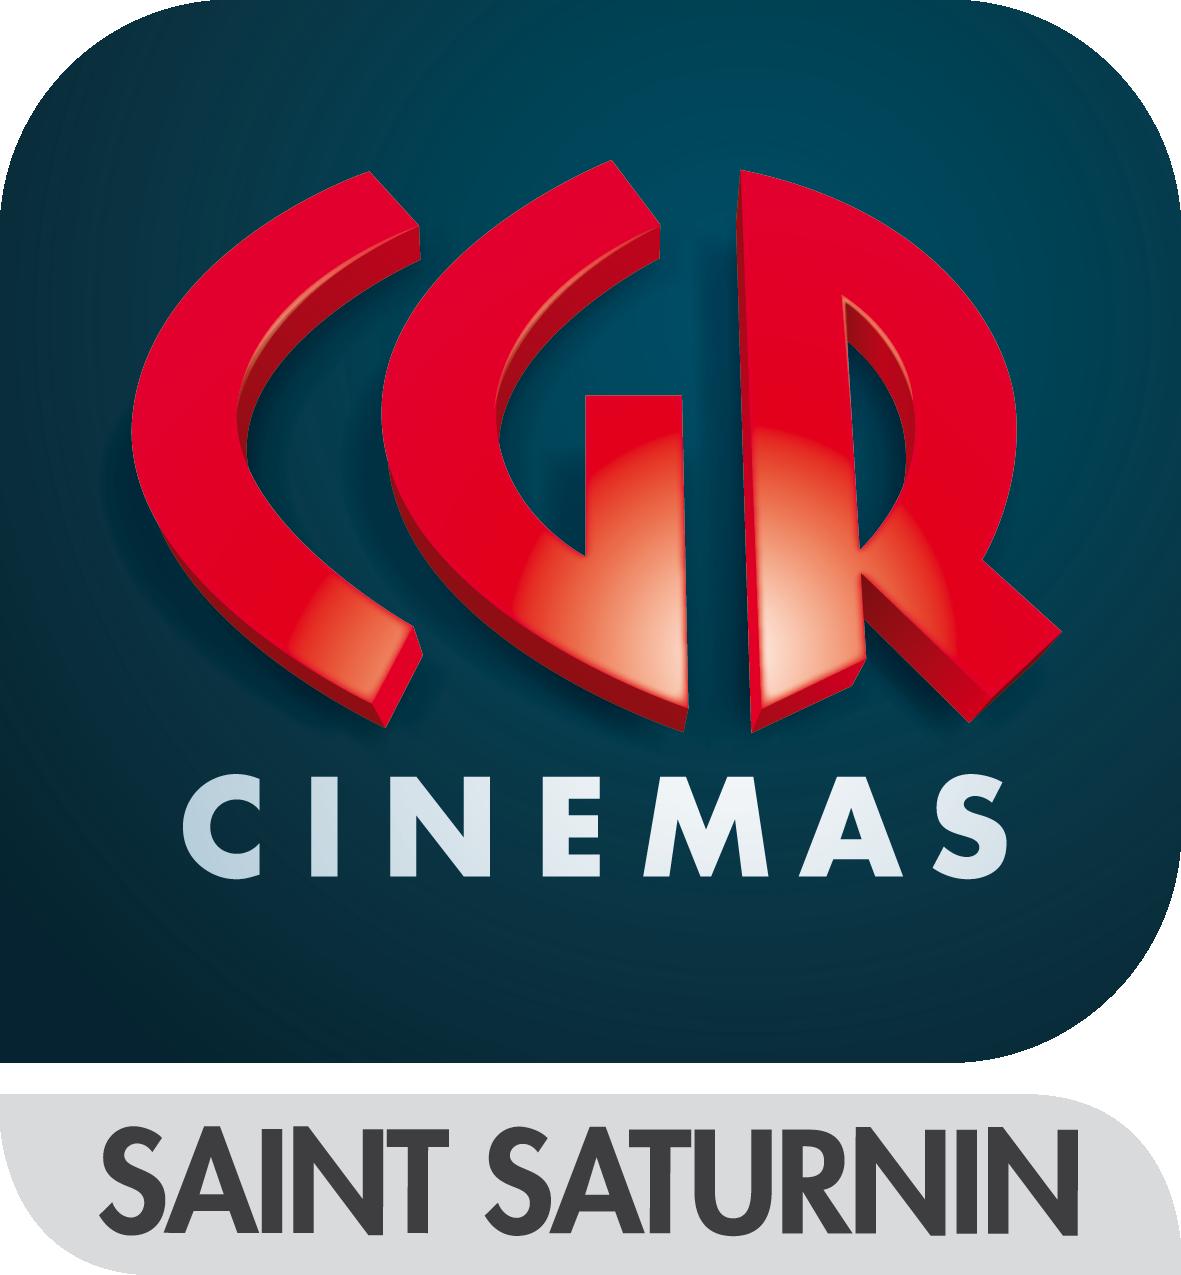 CGR St Saturnin